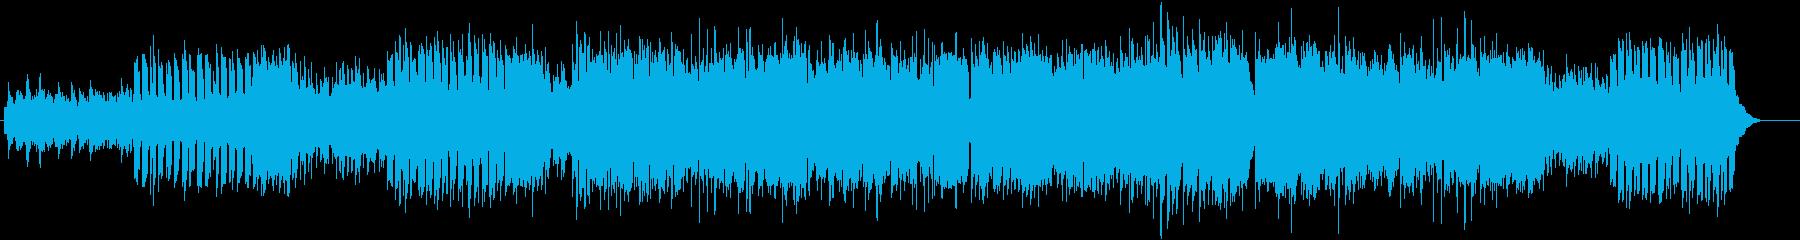 ティンホイッスルを使った爽やかなケルト曲の再生済みの波形